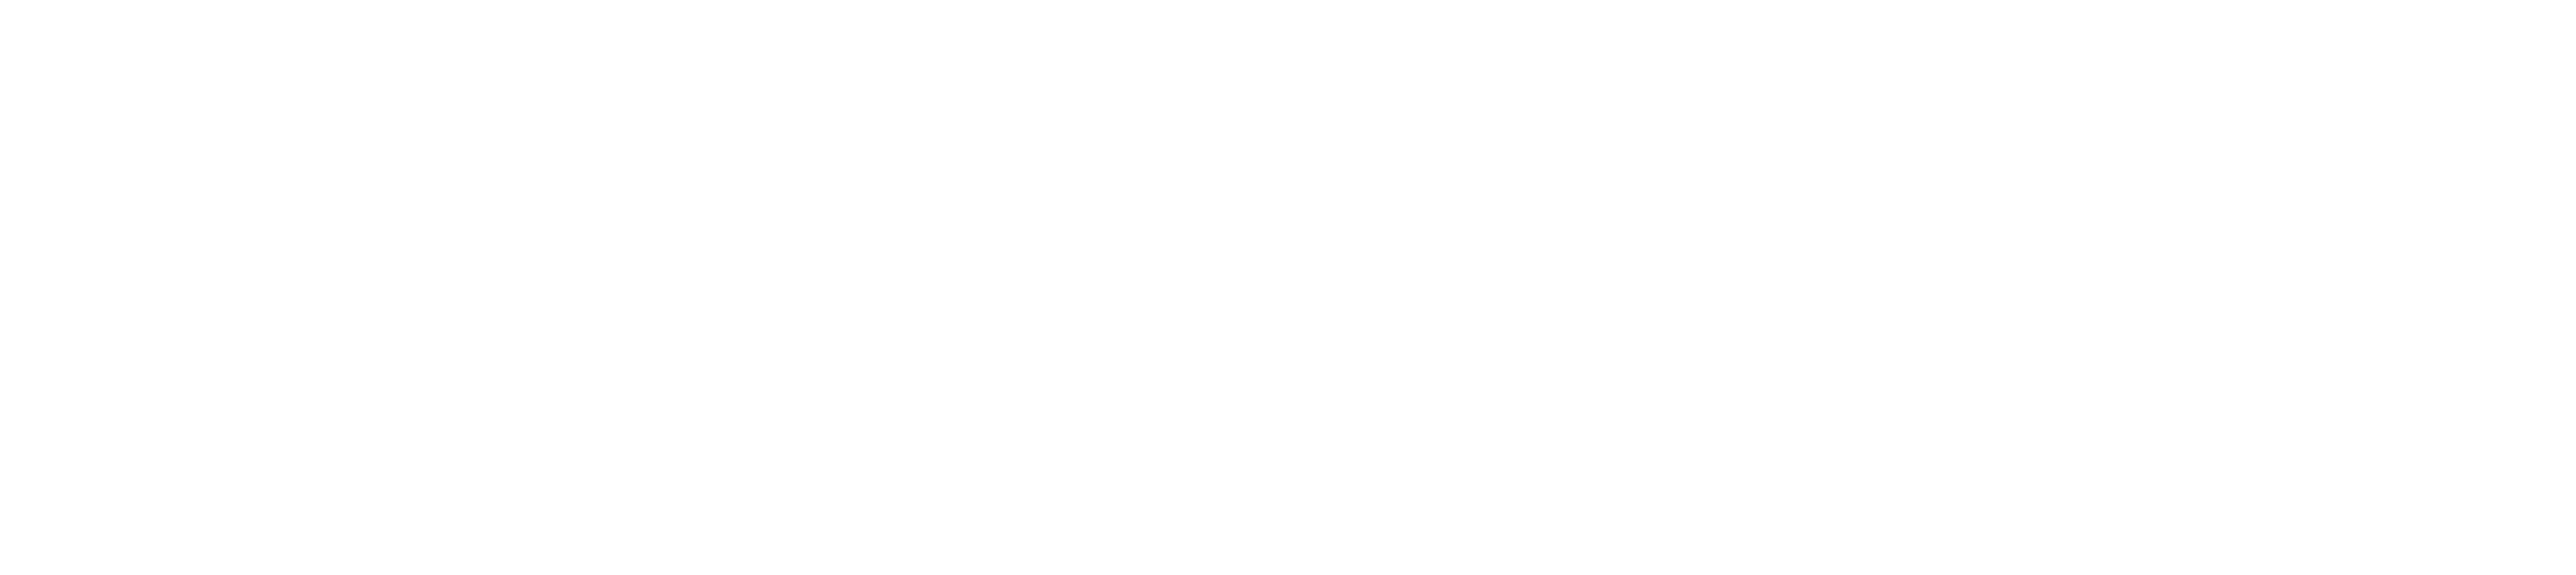 itus logo in white